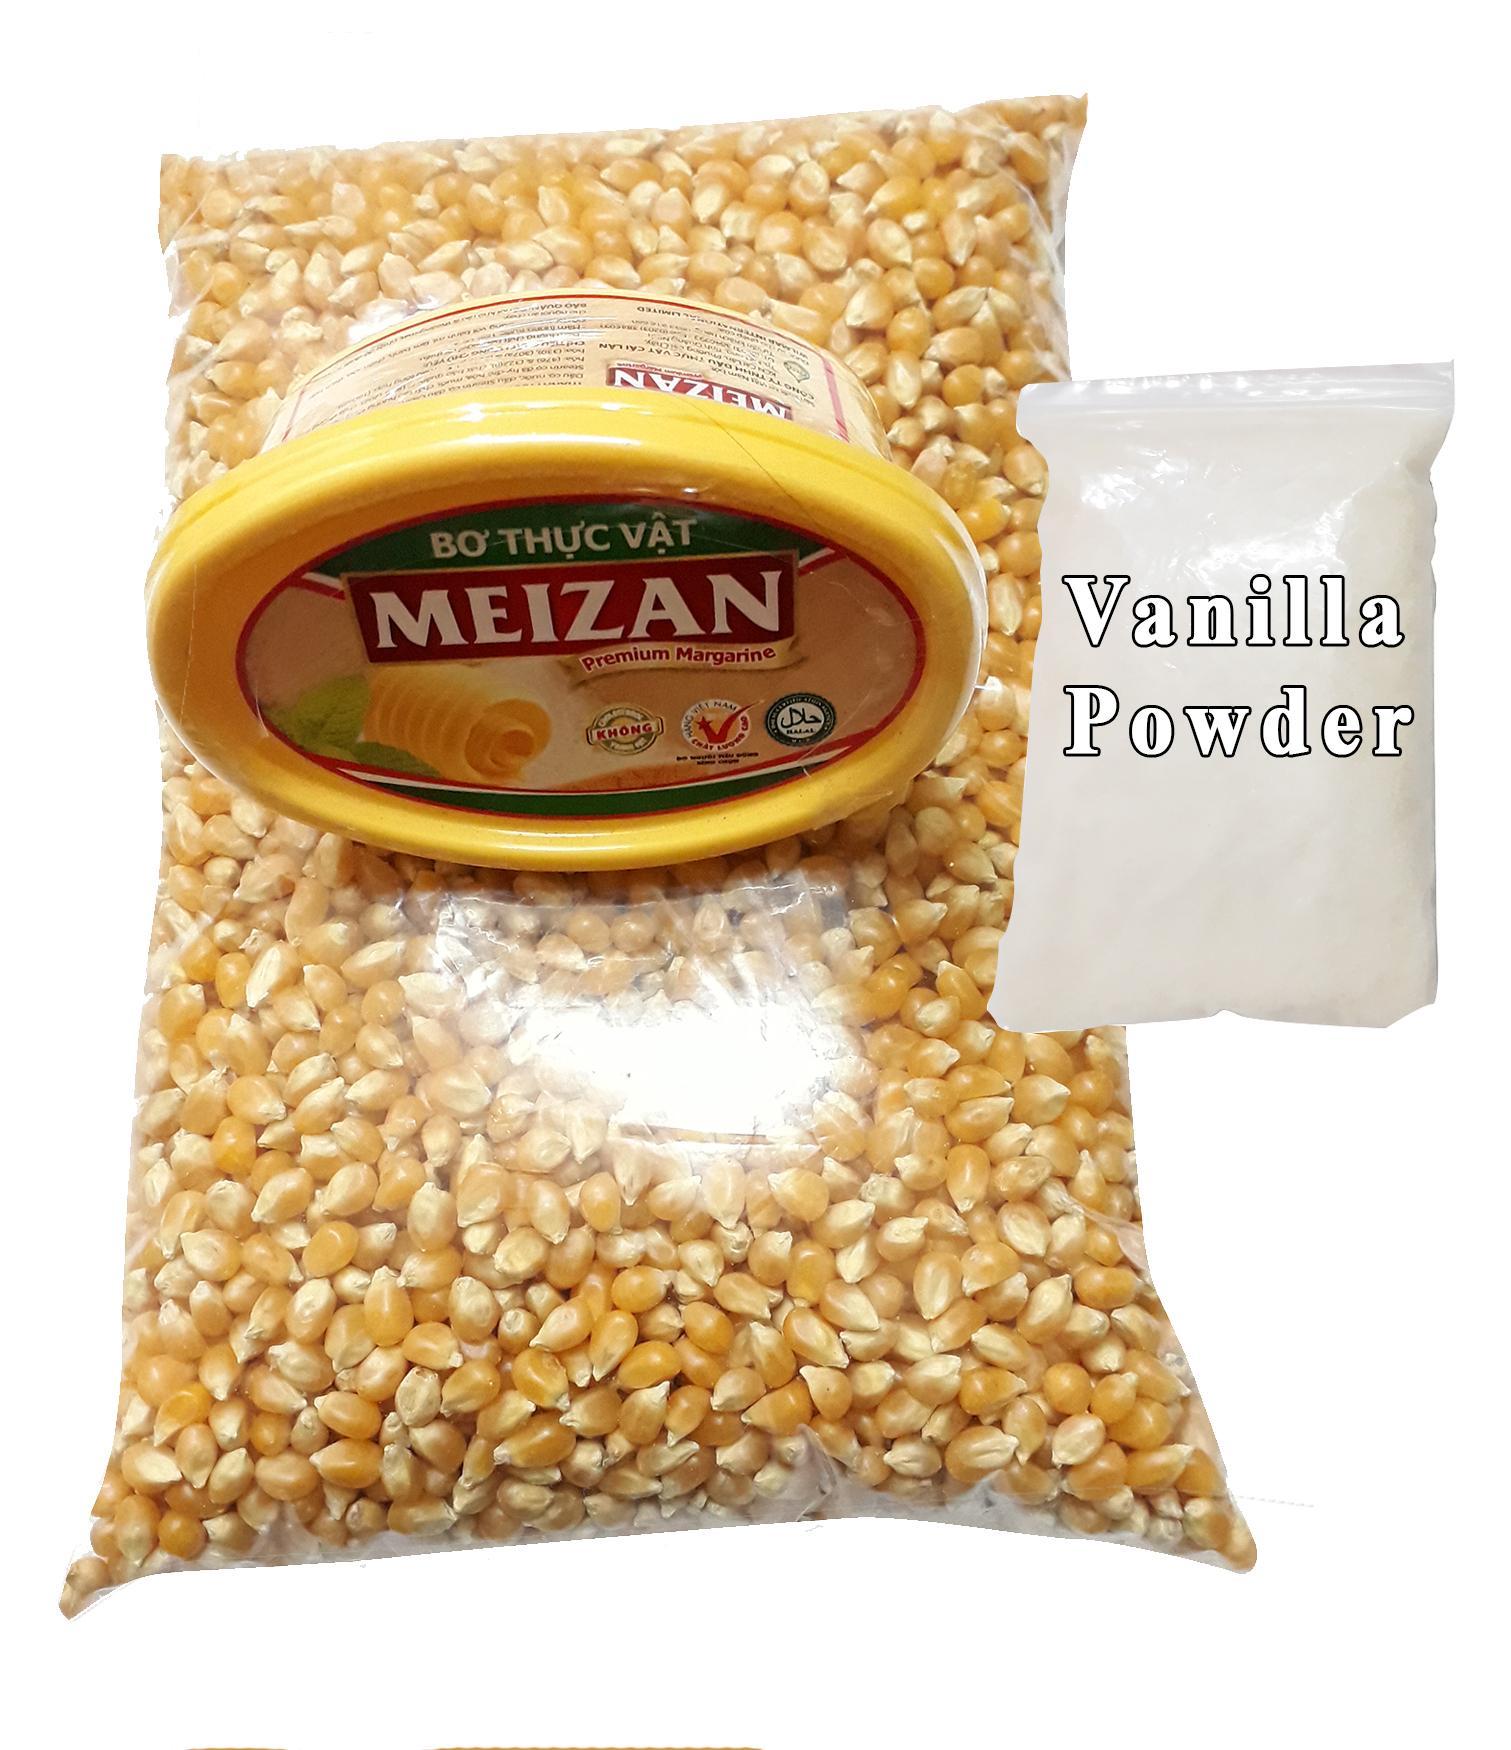 Hình ảnh Ngô mỹ 1kg+ bơ meizan 200g + 10g vani nổ bắp rang bơ vani tại nhà